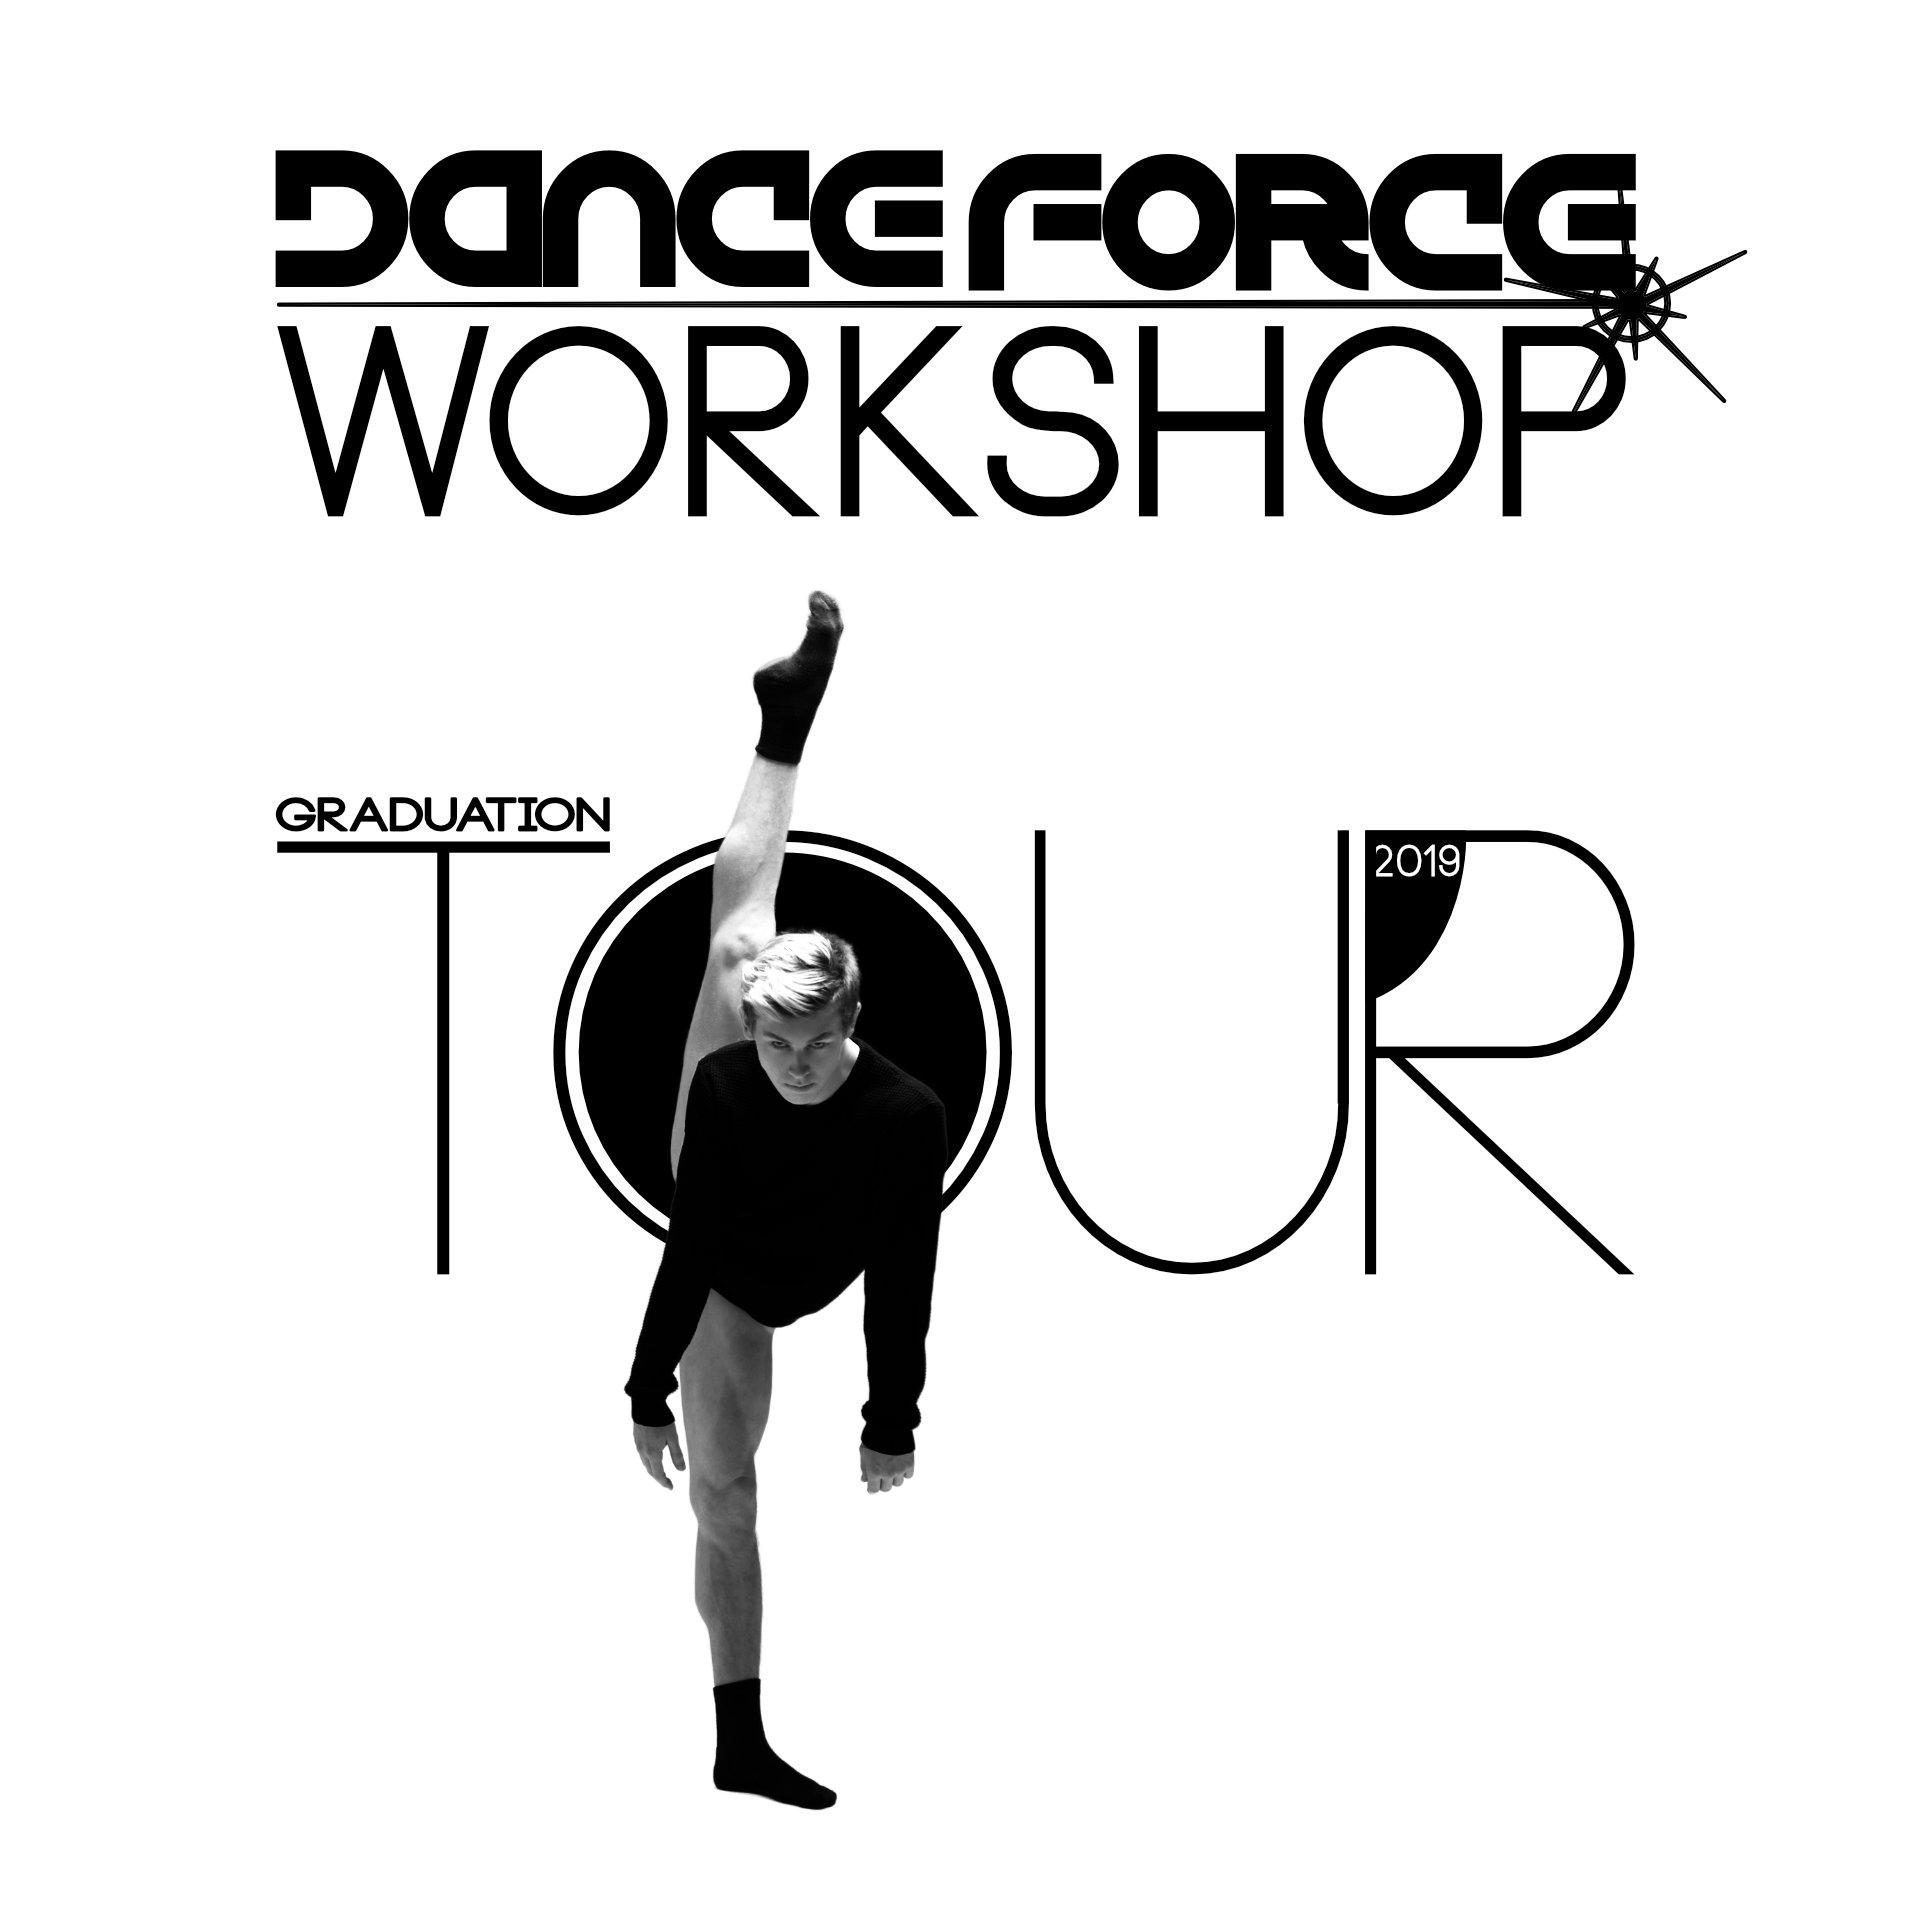 Grad Tour Workshops